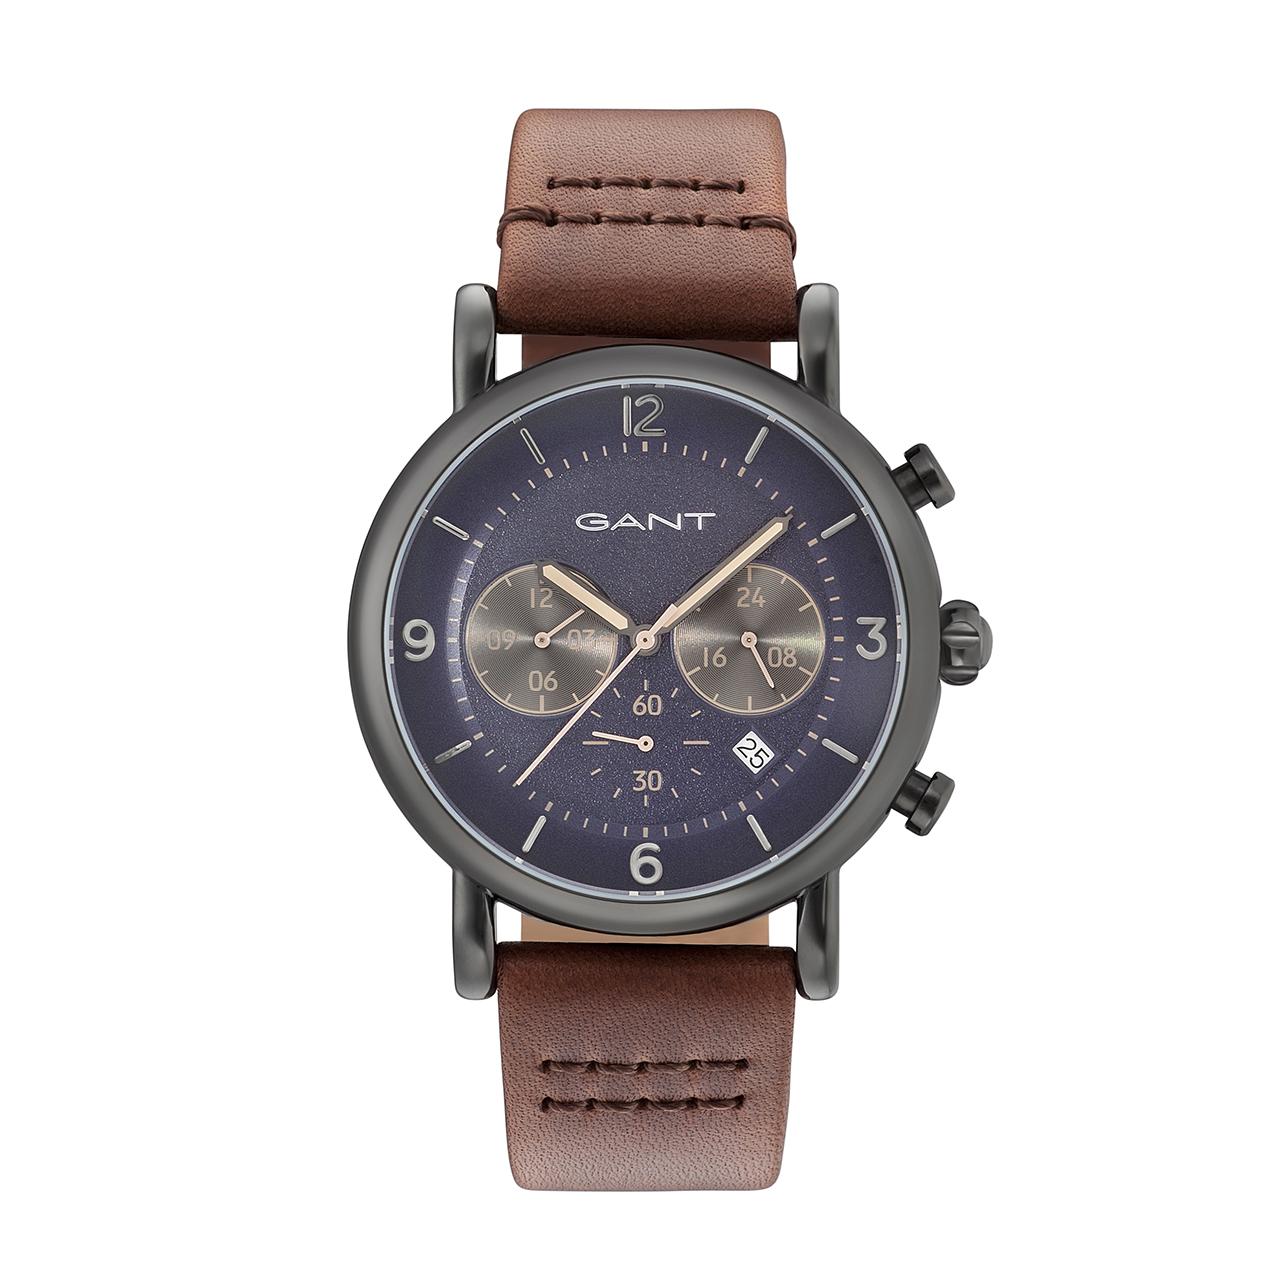 ساعت مچی عقربه ای مردانه گنت مدل GW007007